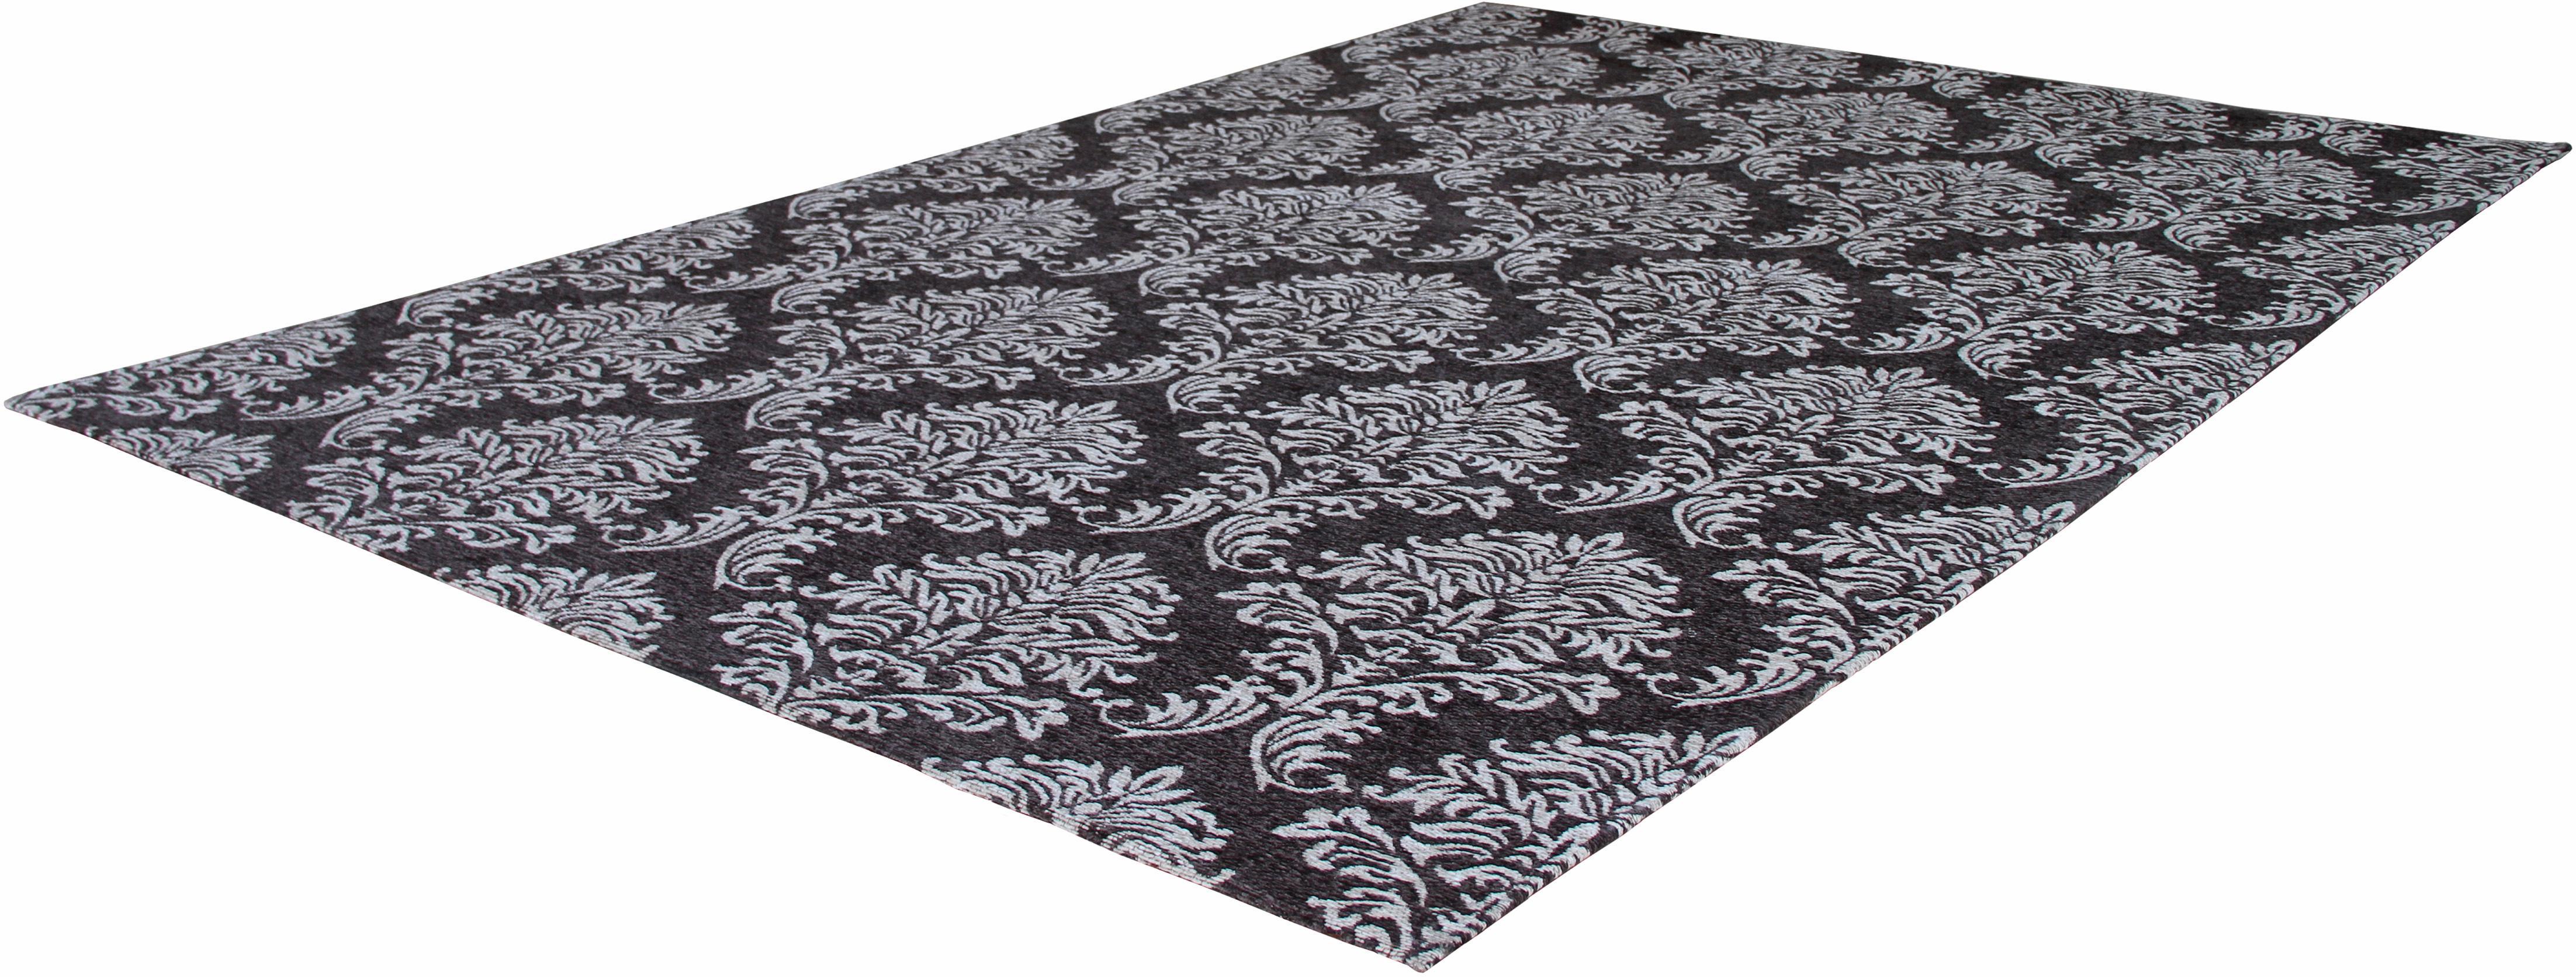 Teppich Sitar Kayoom rechteckig Höhe 10 mm handgewebt